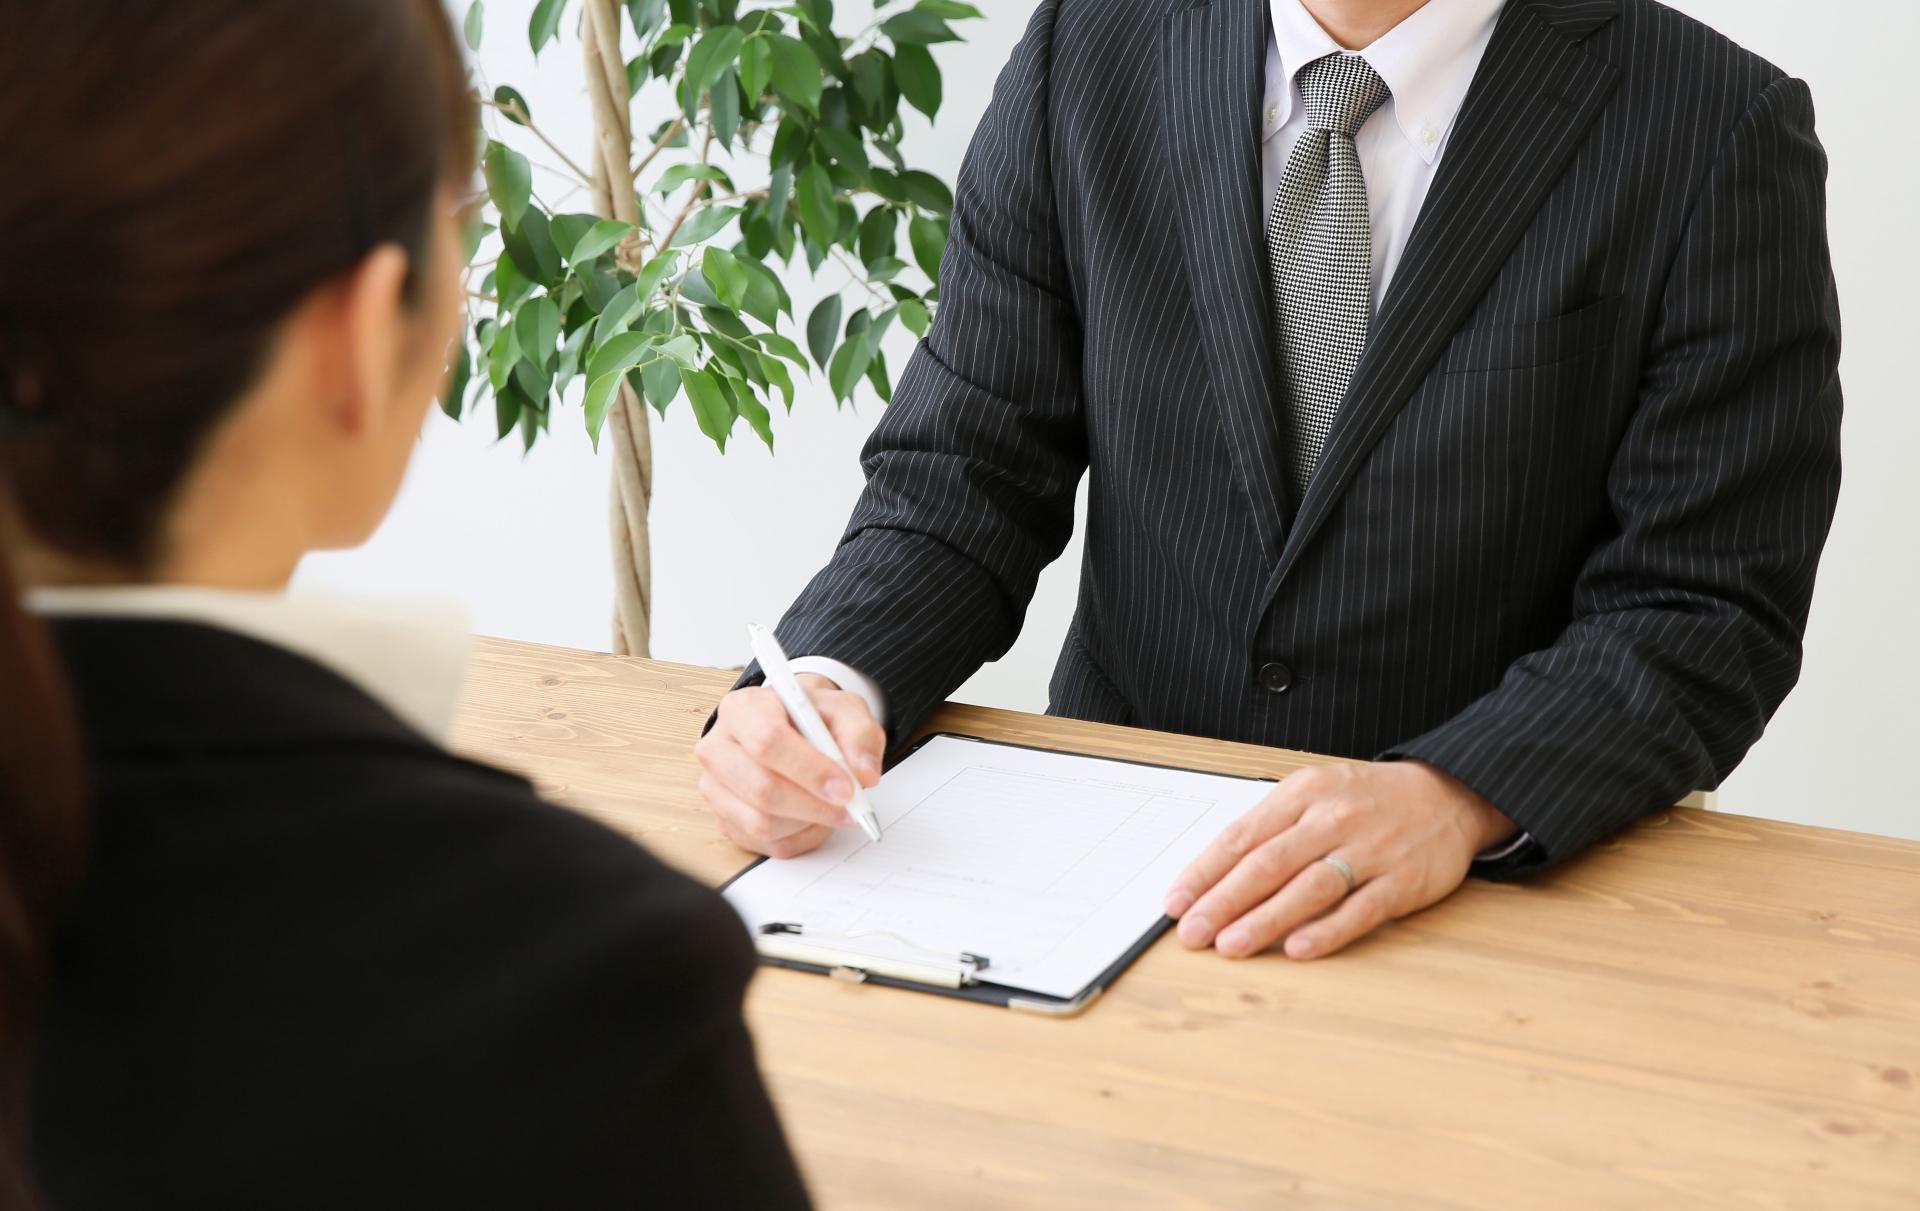 既卒の方におすすめの就活方法【公務員試験に落ちてからでも大丈夫】